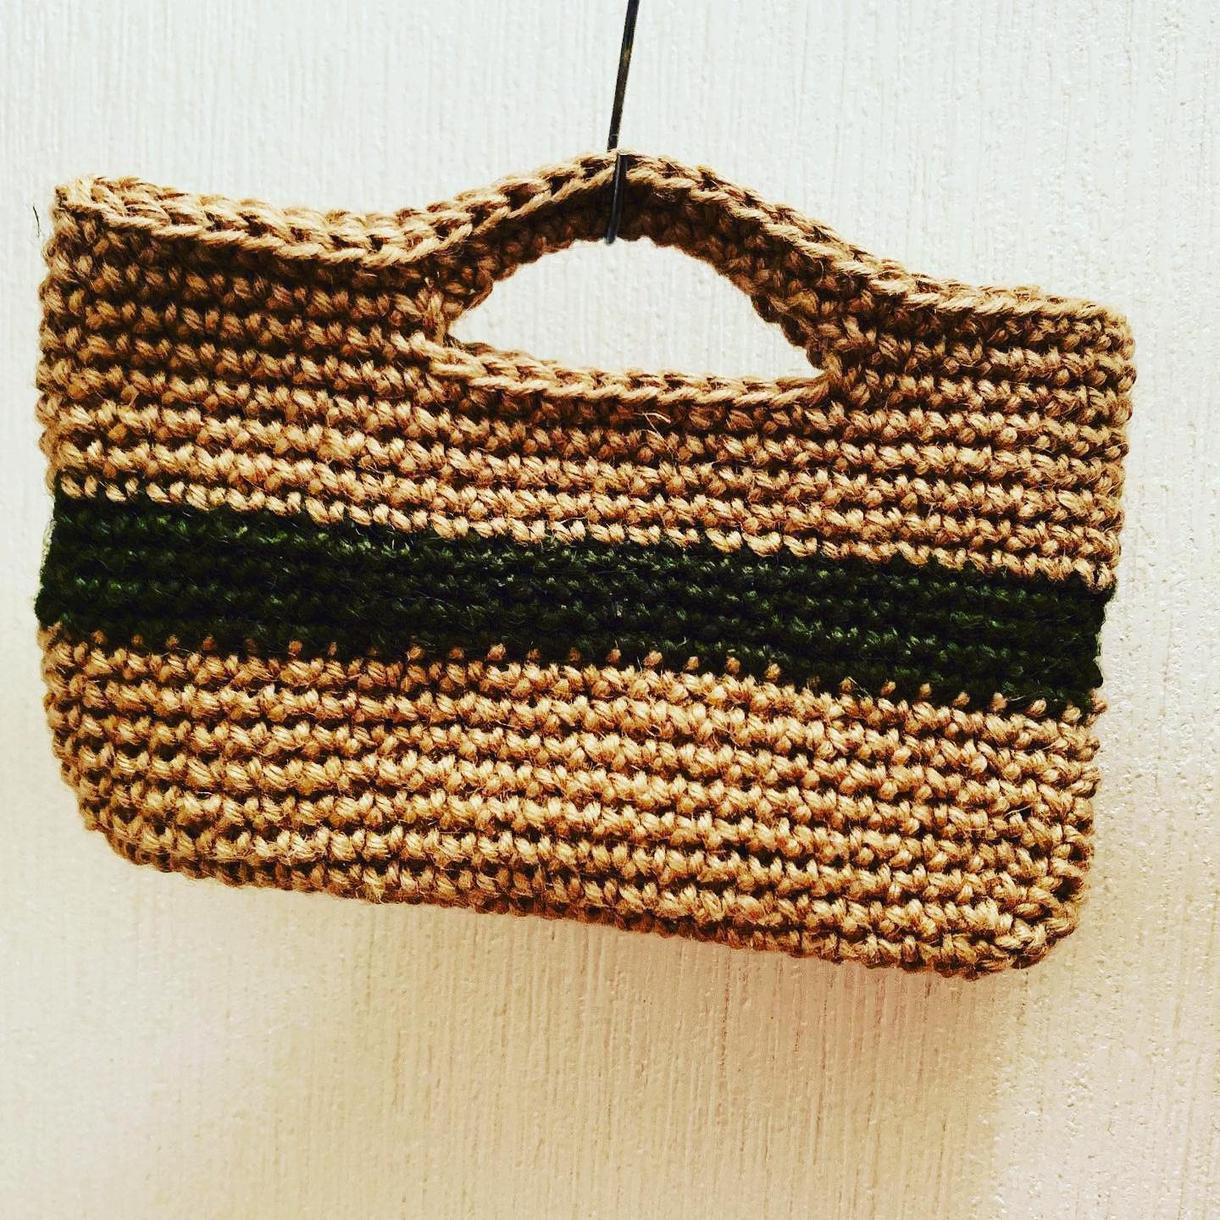 あなたにぴったりのバッグ作ります 麻ひもで作っております。お友達のプレゼントや自分にどうぞ!!